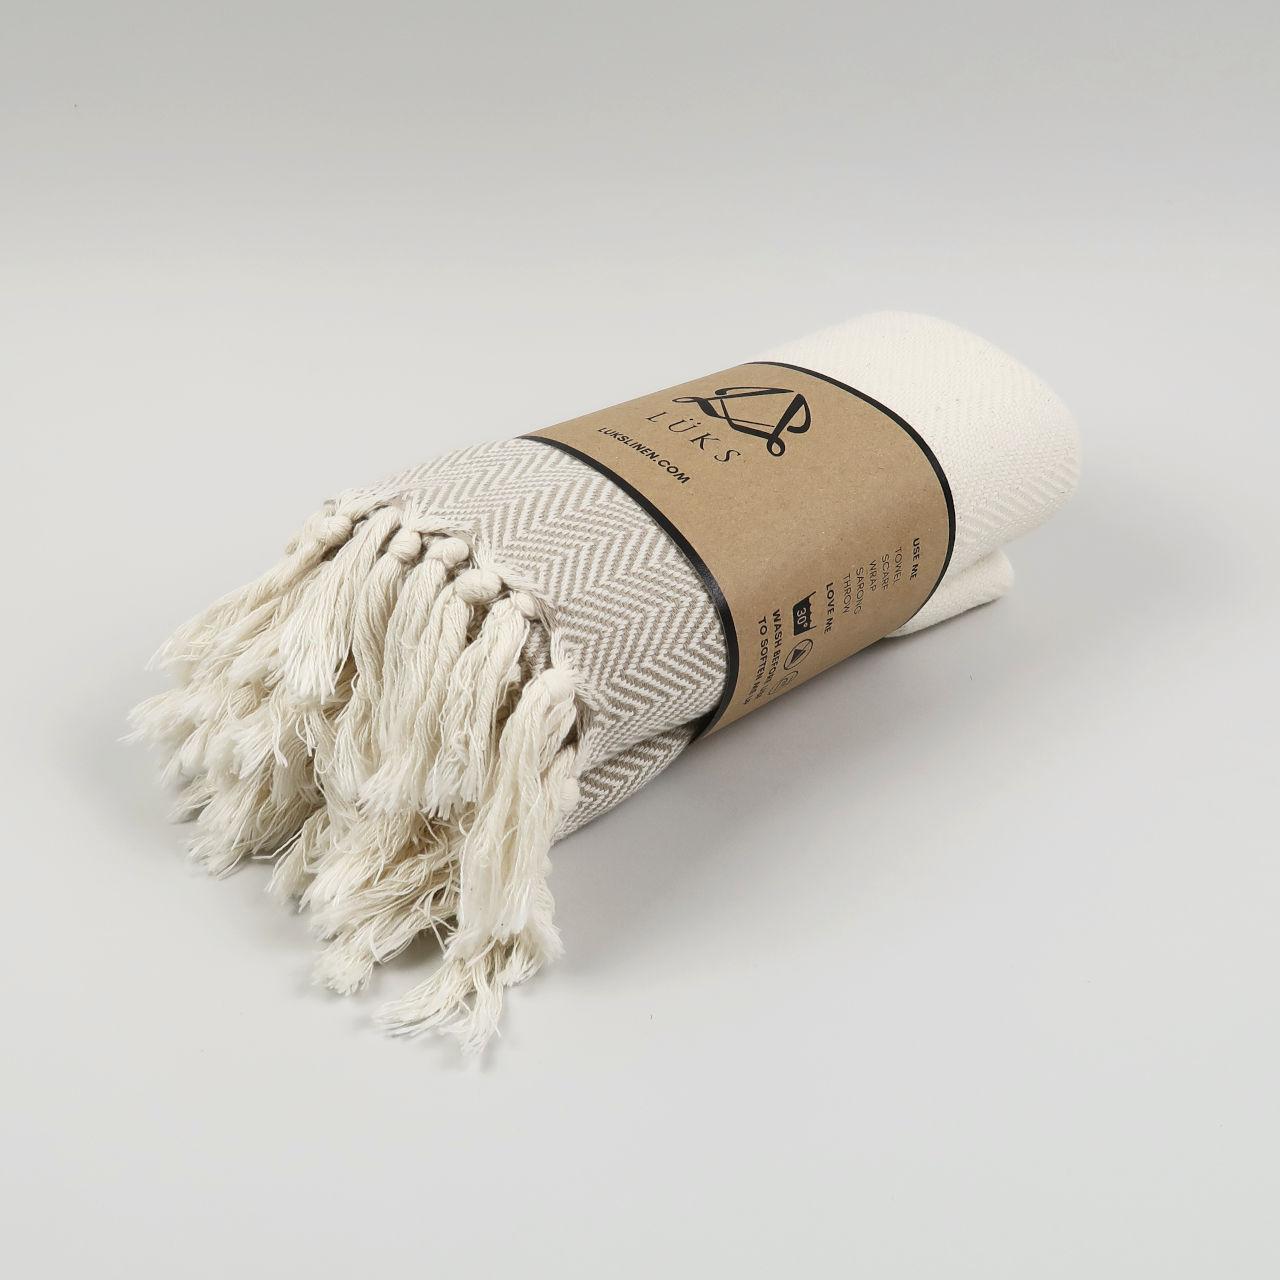 Ferah Organic Cotton Peshtemal - Oyster